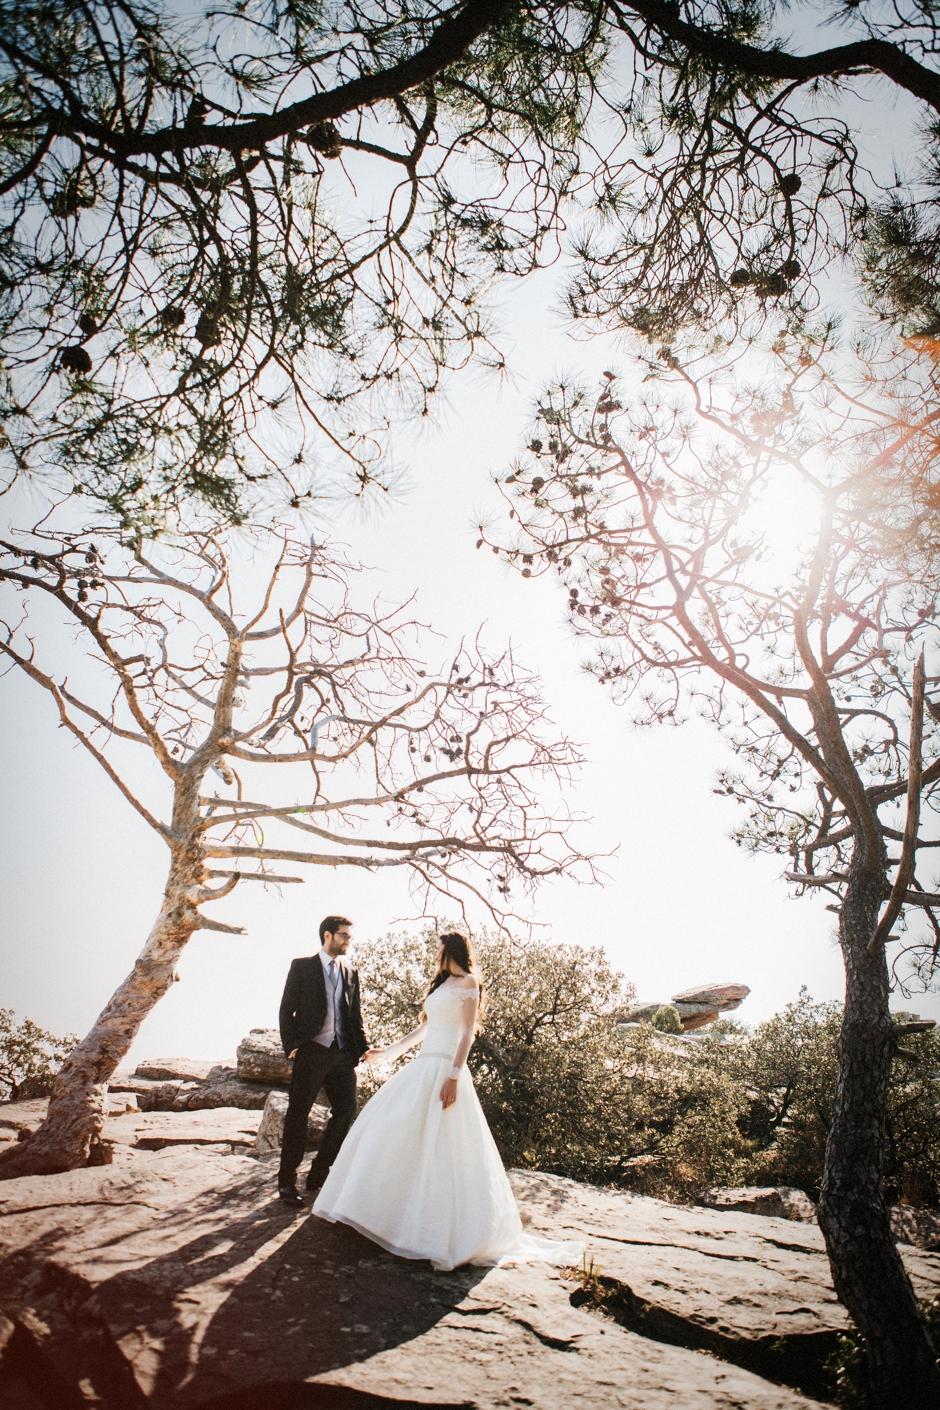 bodafilms-fotografo-de-boda-en-valencia-sevilla-mallorca-alicante-jose-caballero-preboda8.jpg